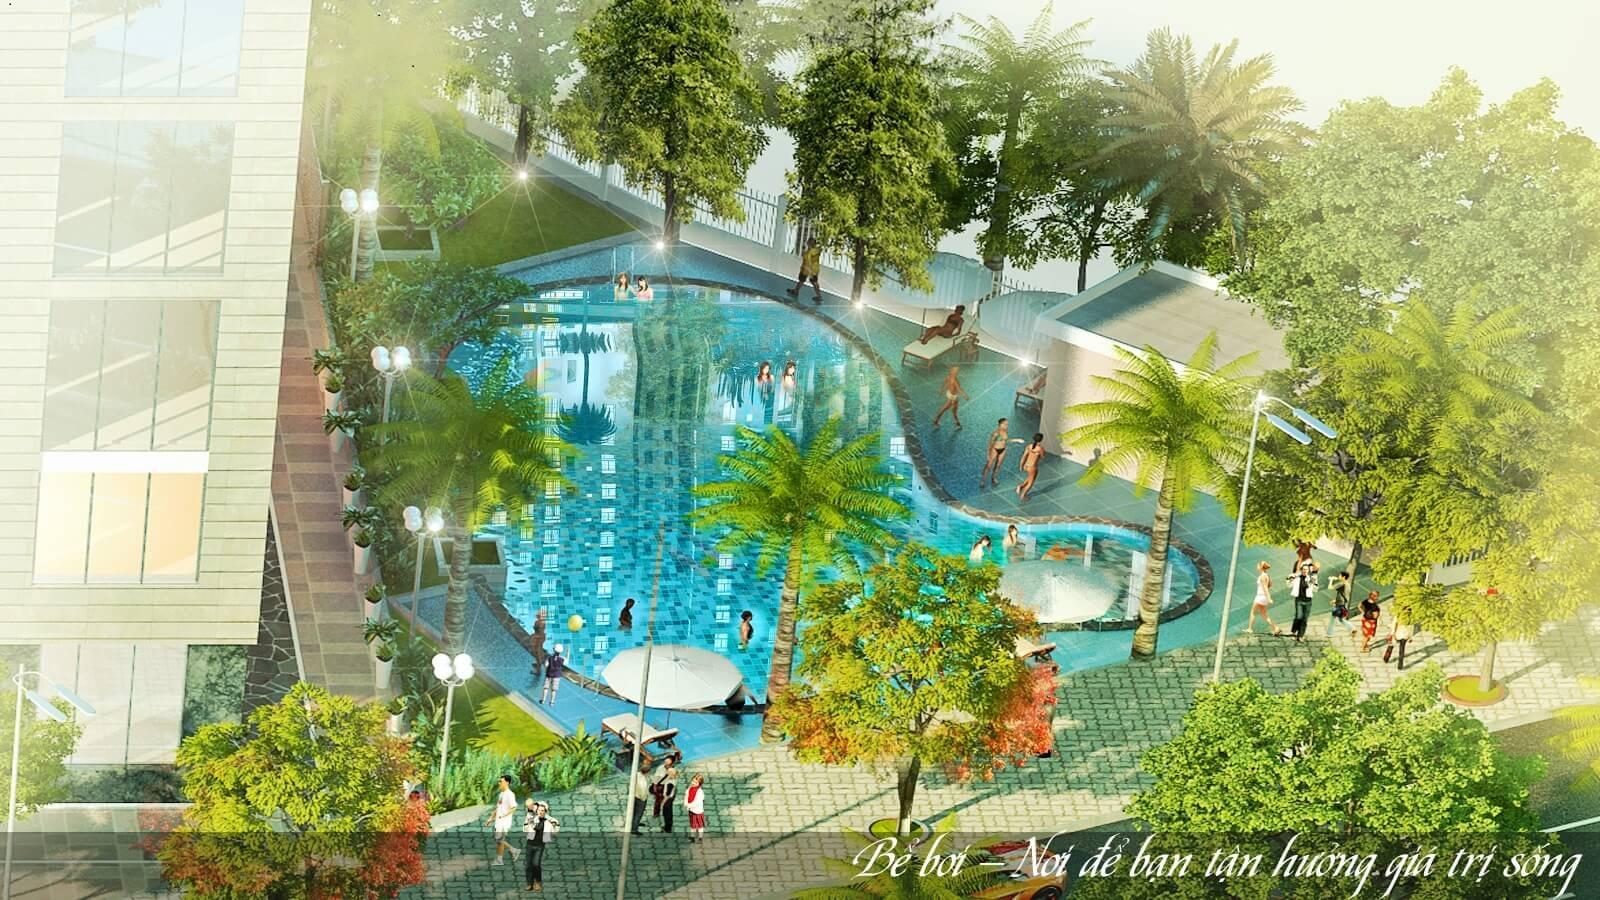 Bể bơi tại dự án chung cư Lộc Ninh.